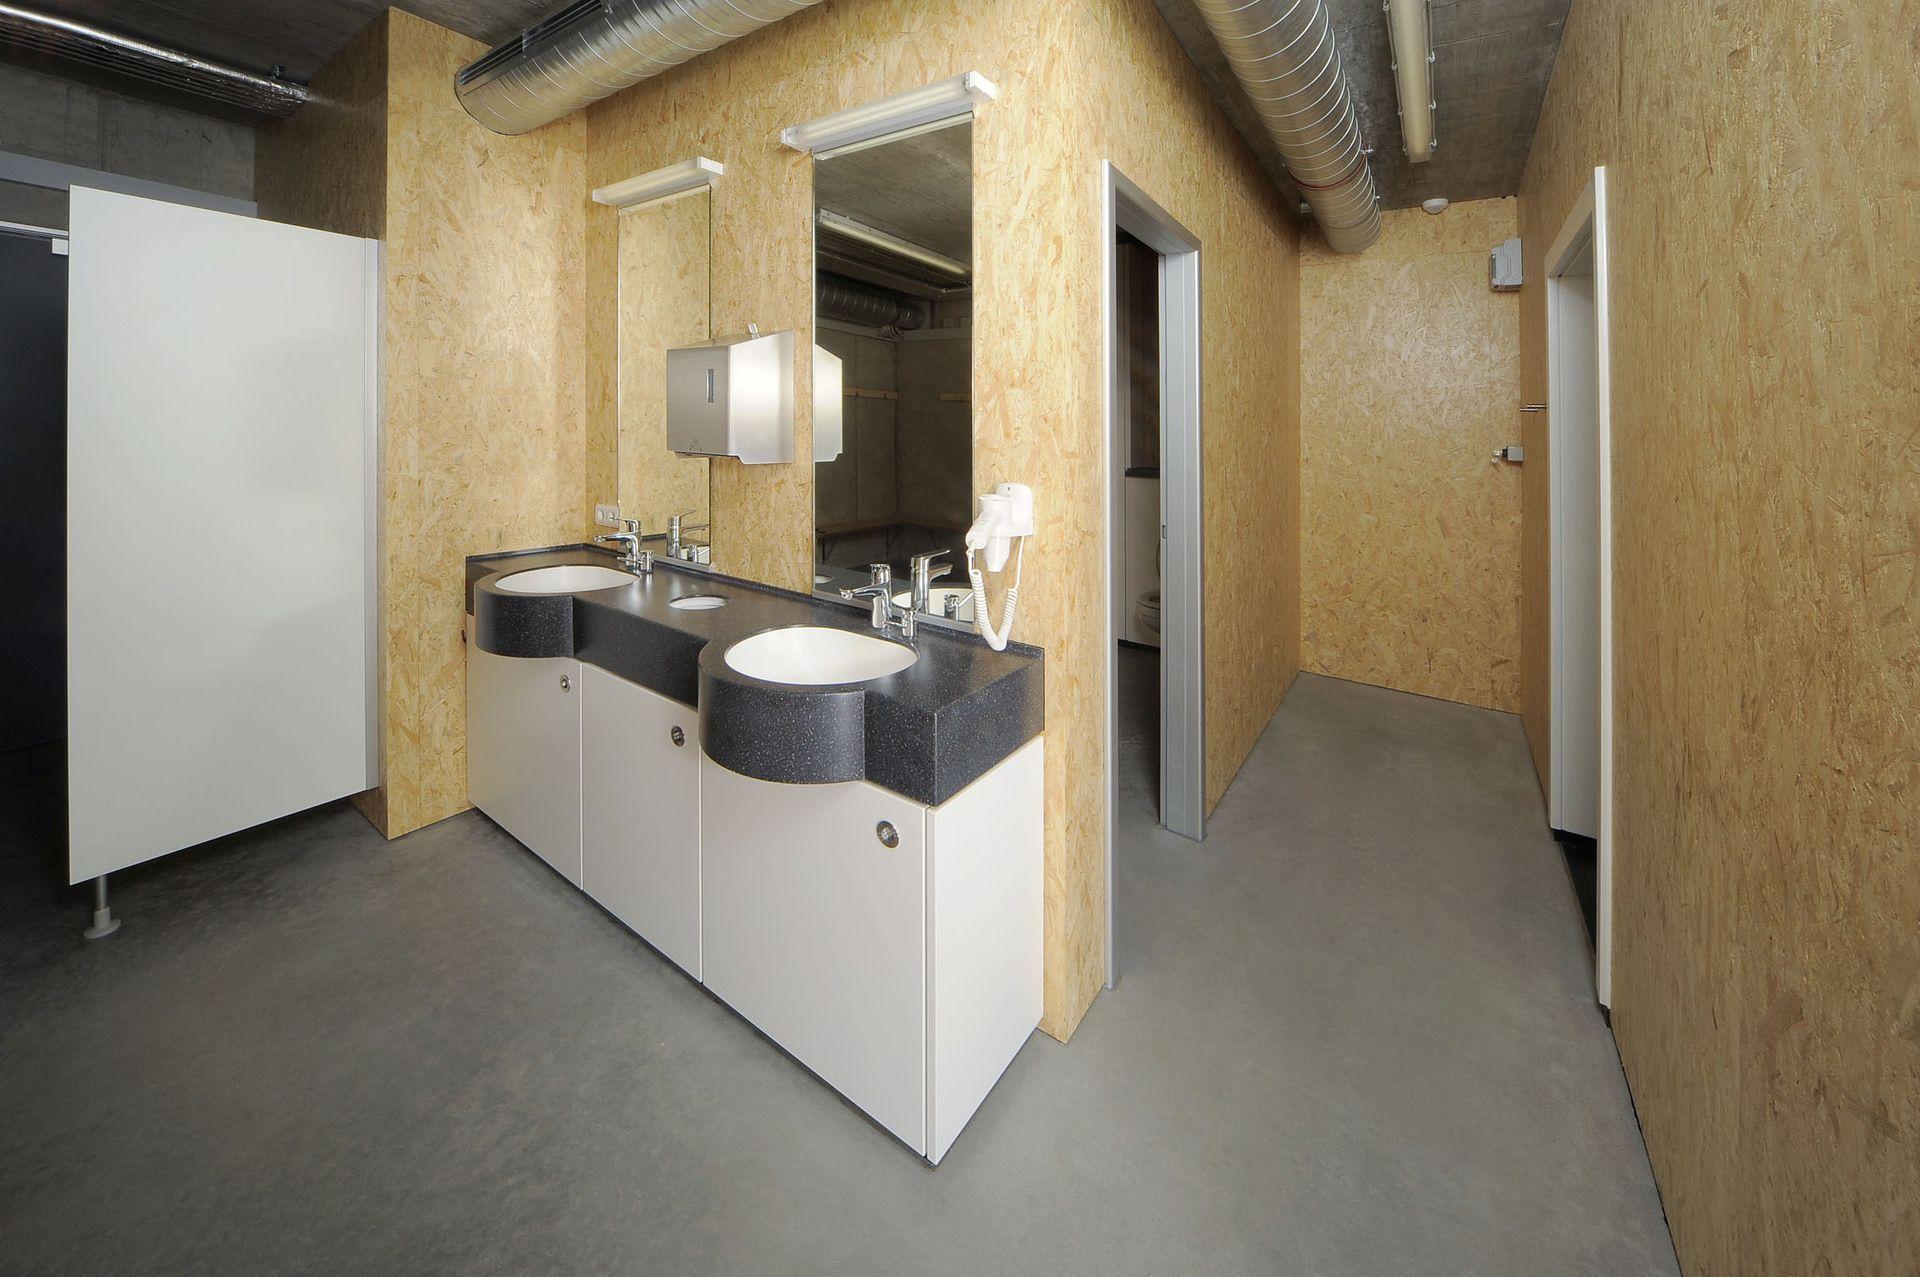 f r hochdruckreinigung geeignet ais. Black Bedroom Furniture Sets. Home Design Ideas